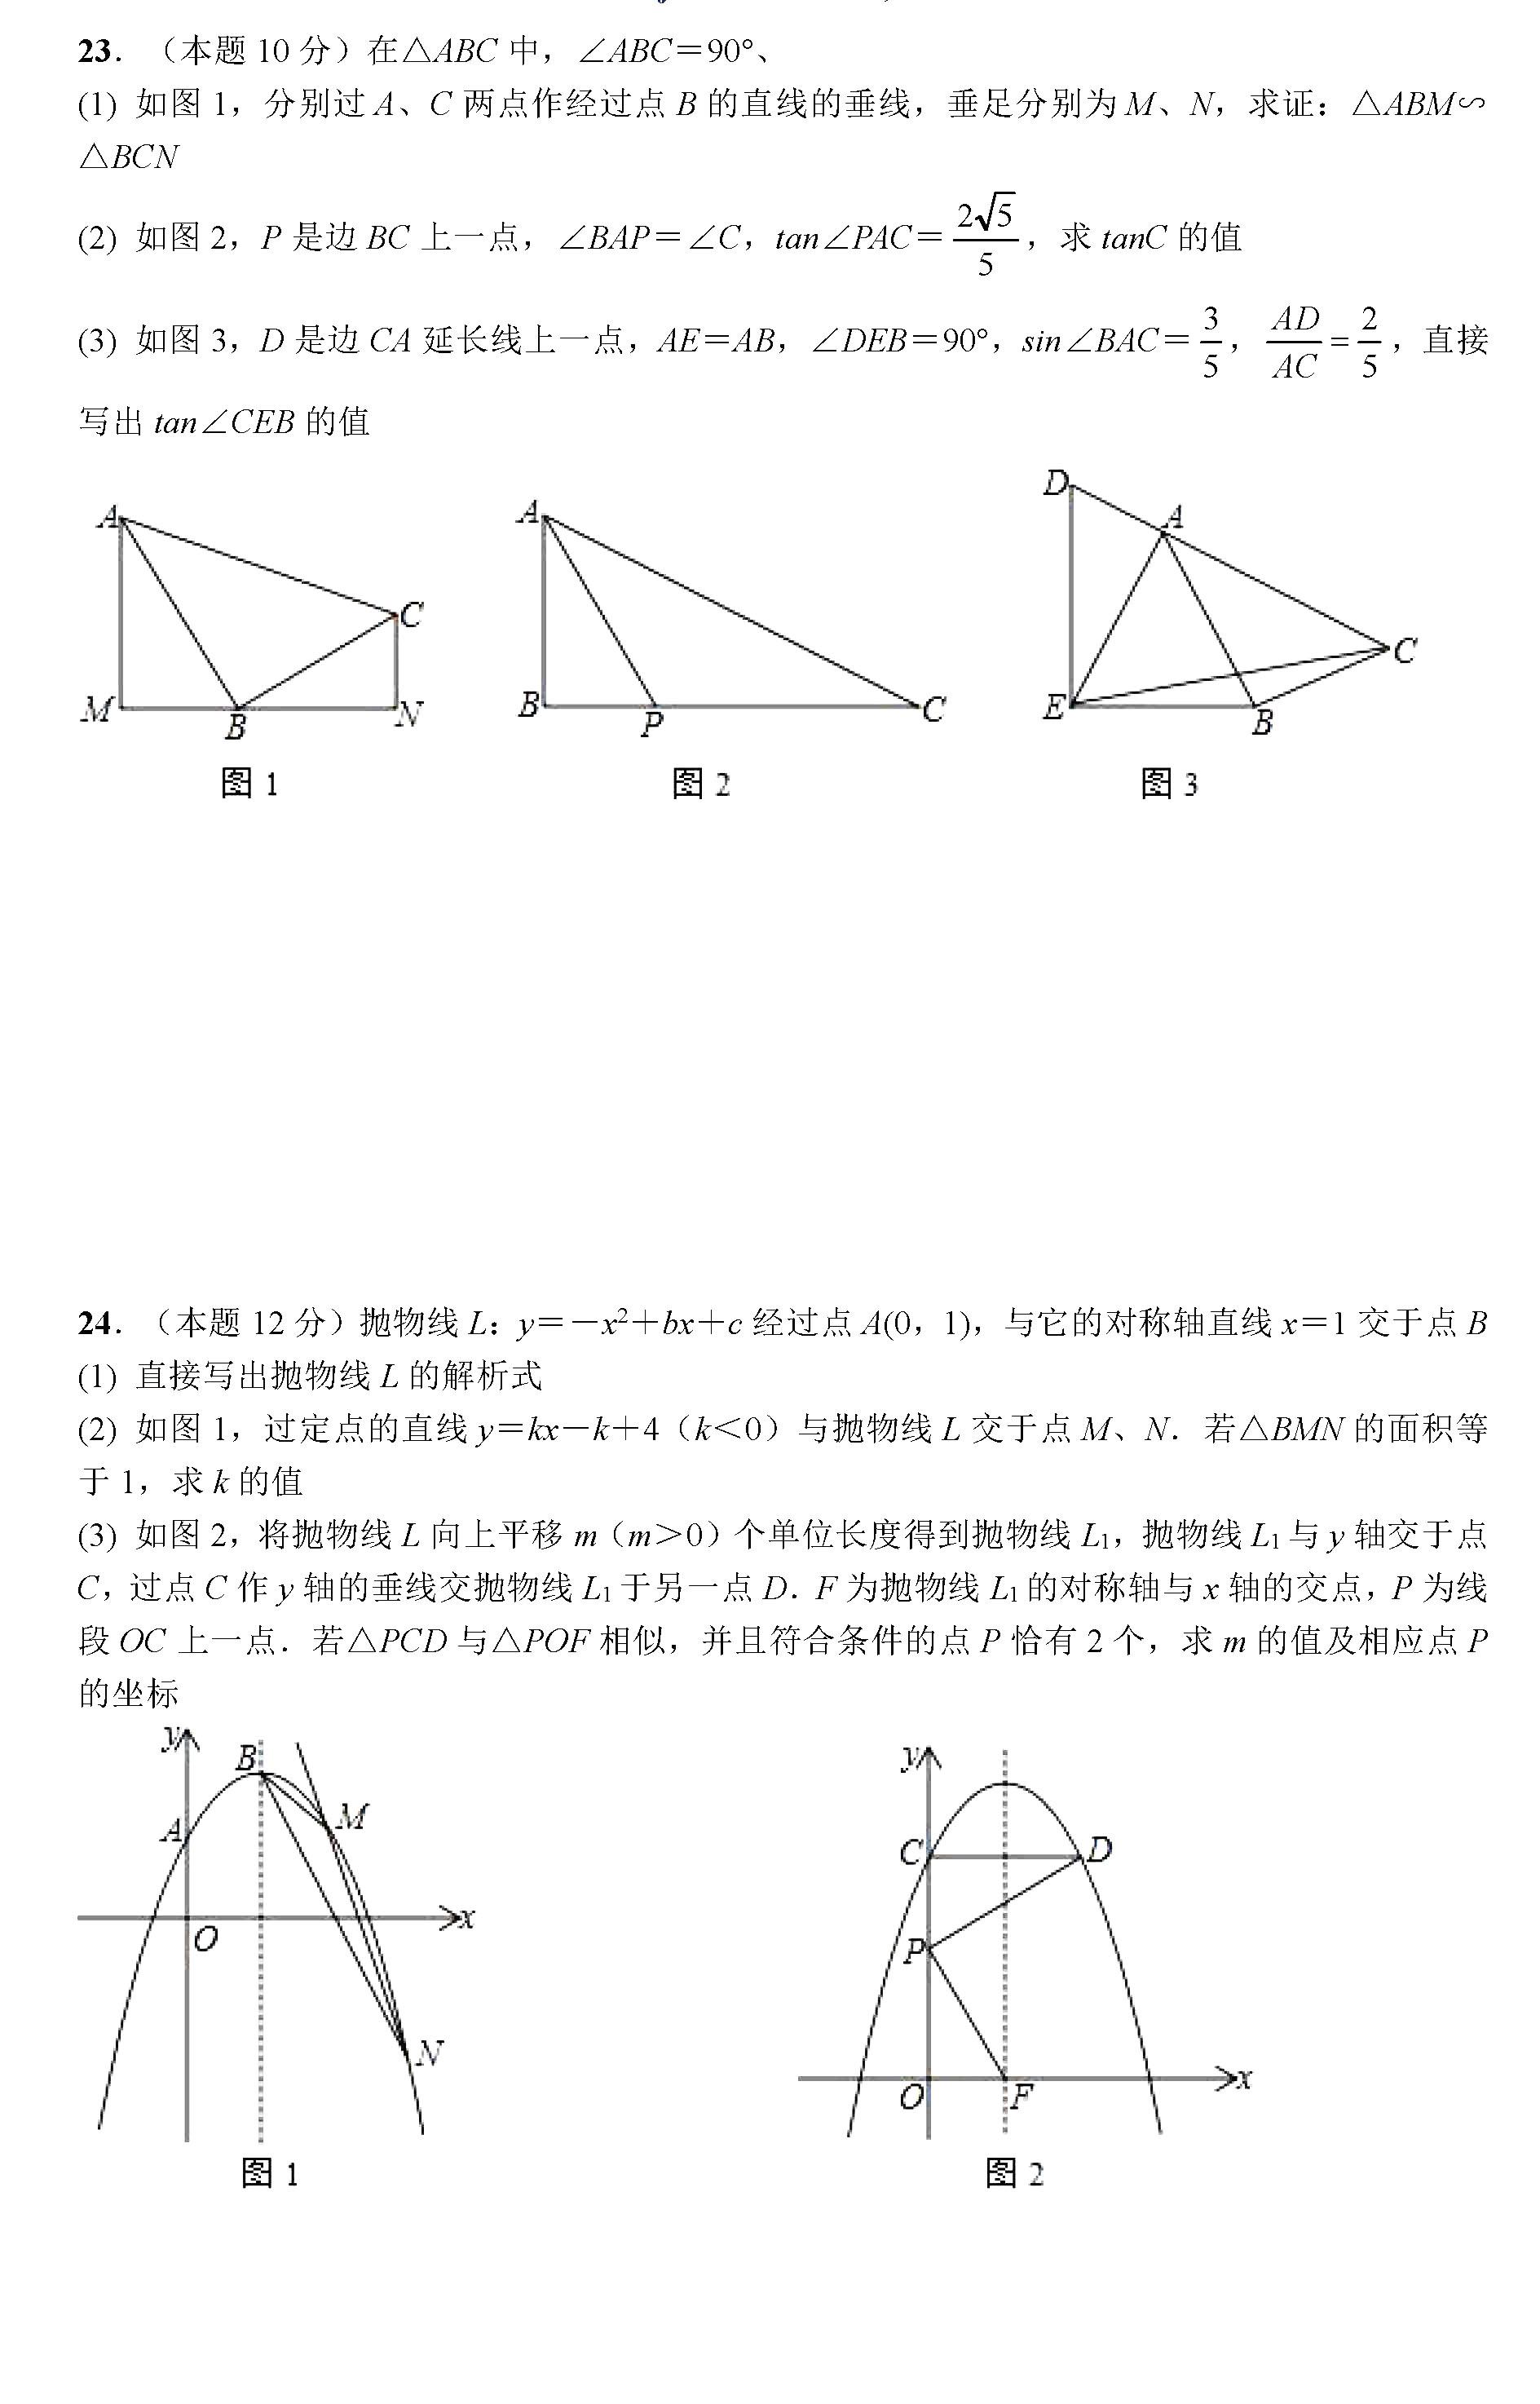 2018年湖北武汉中考数学真题及答案已公布